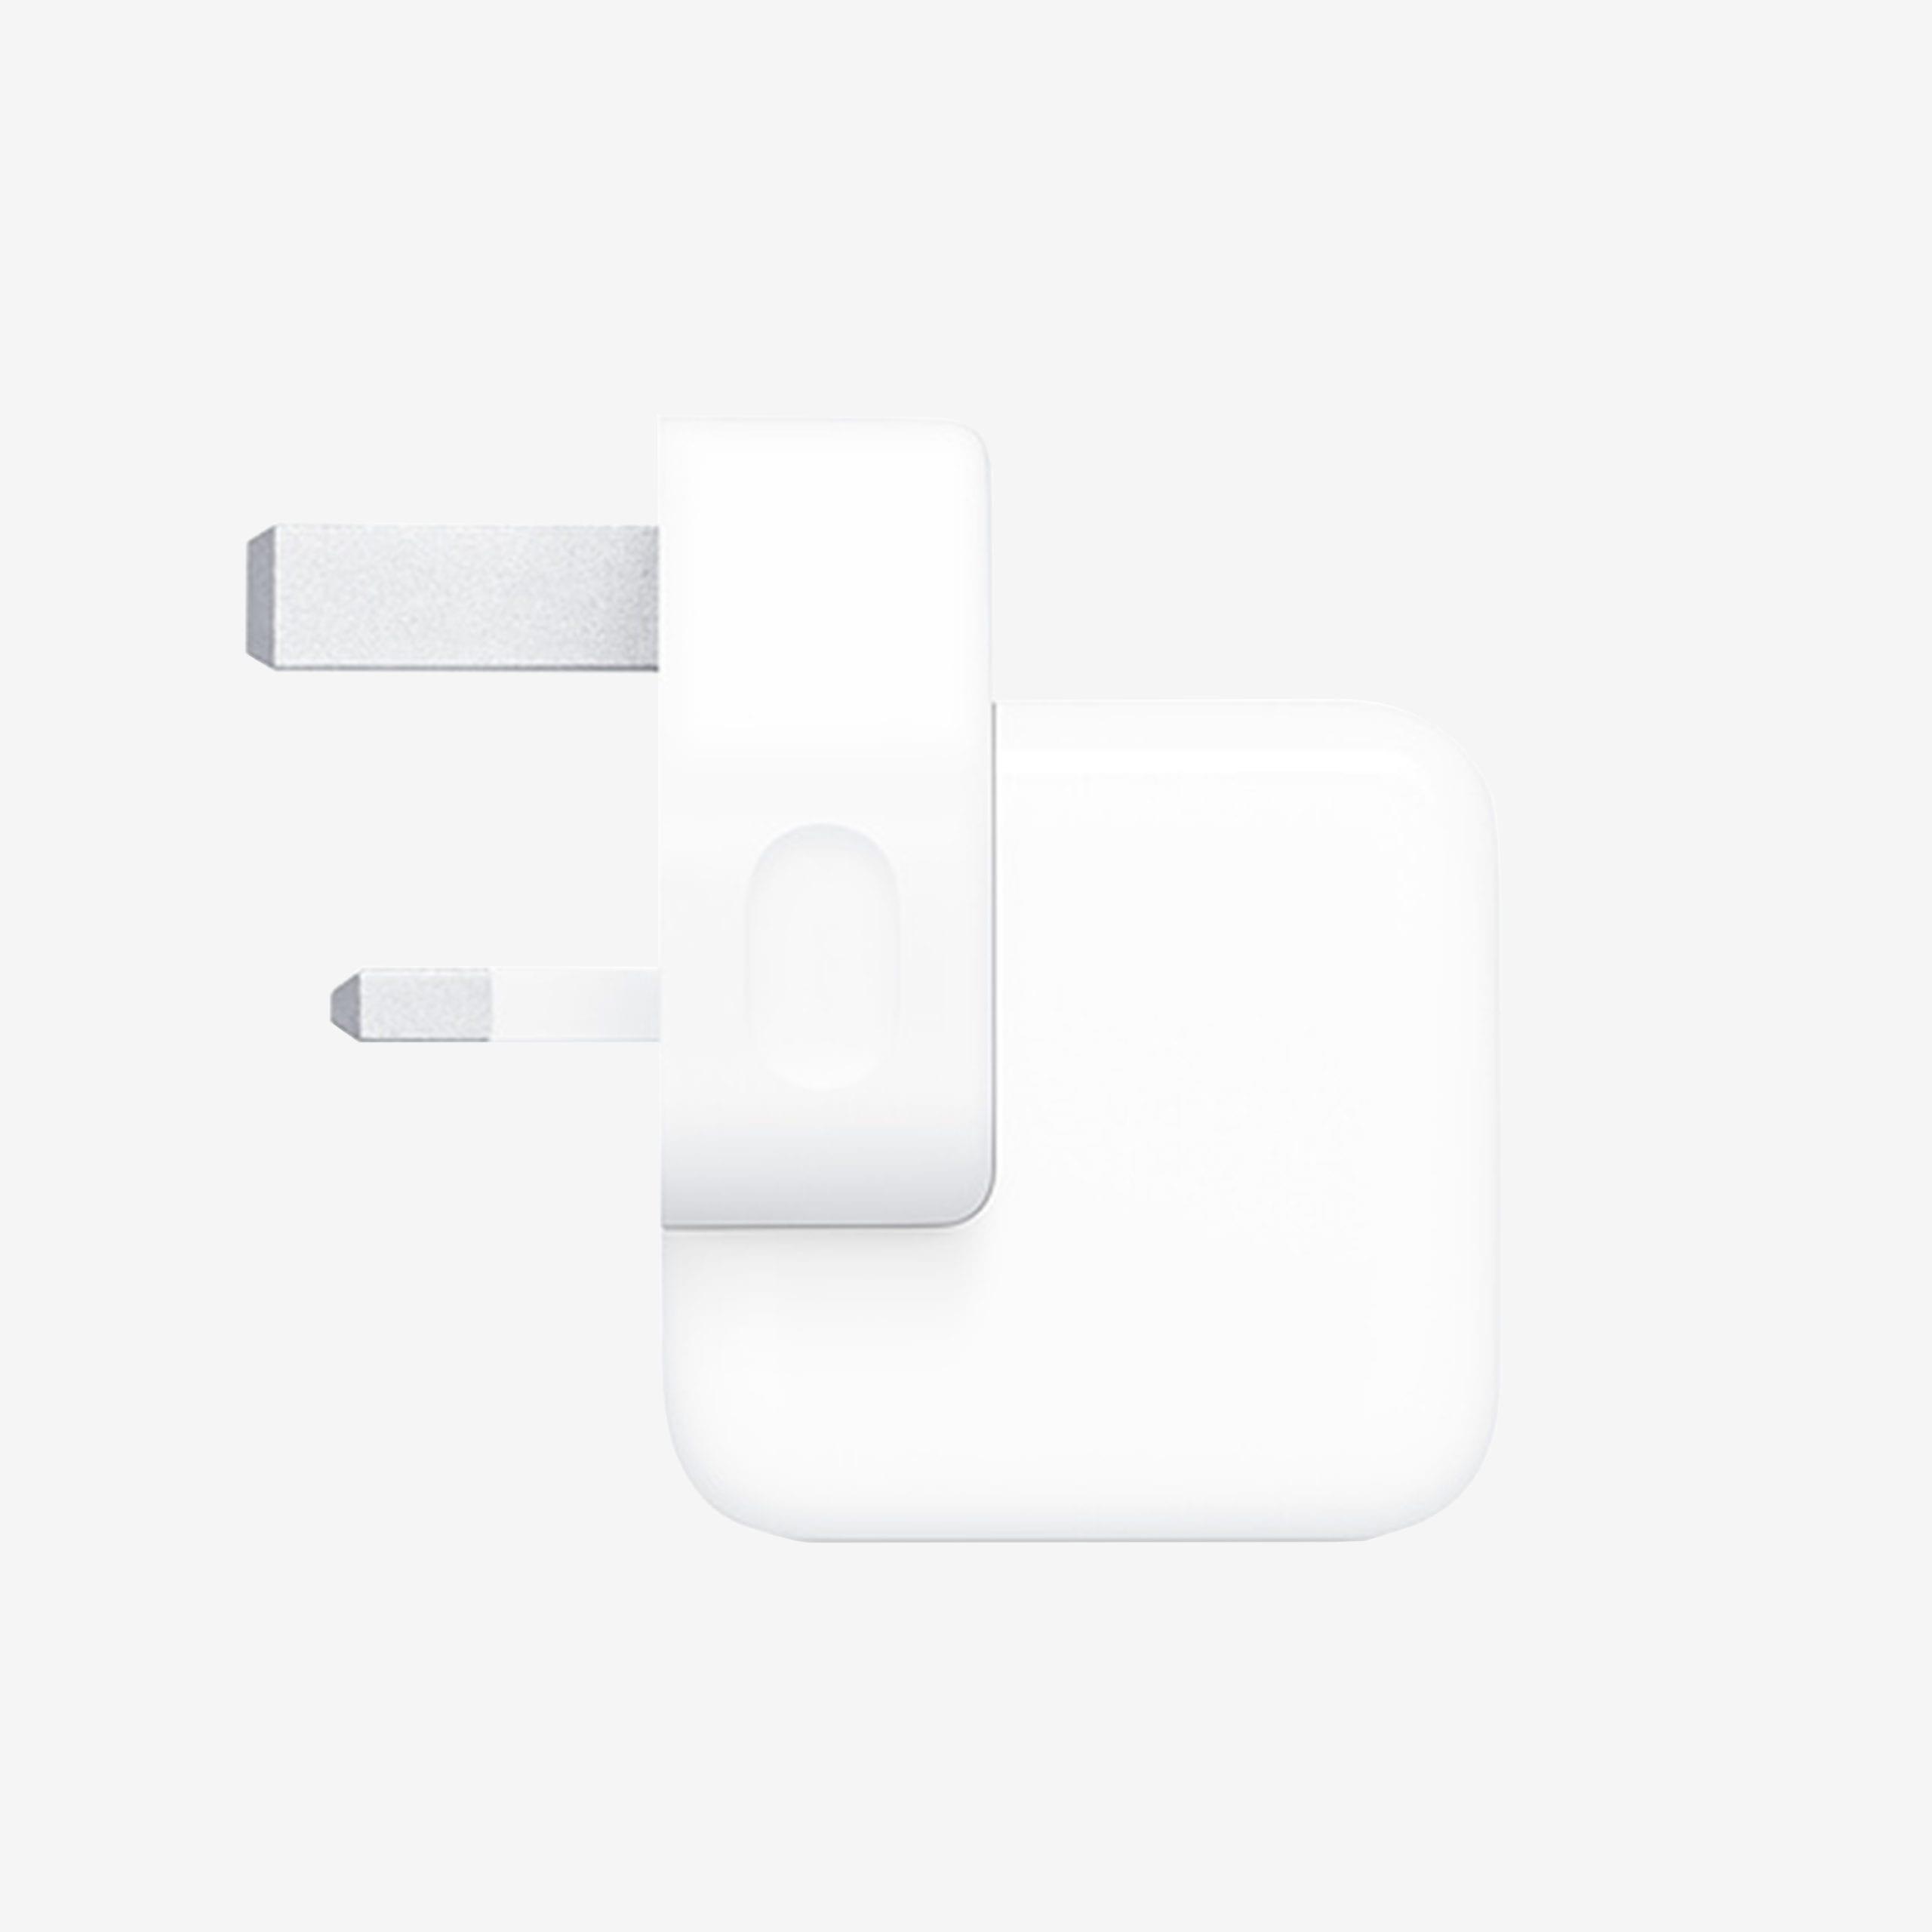 1 x 1x USB Power Plug